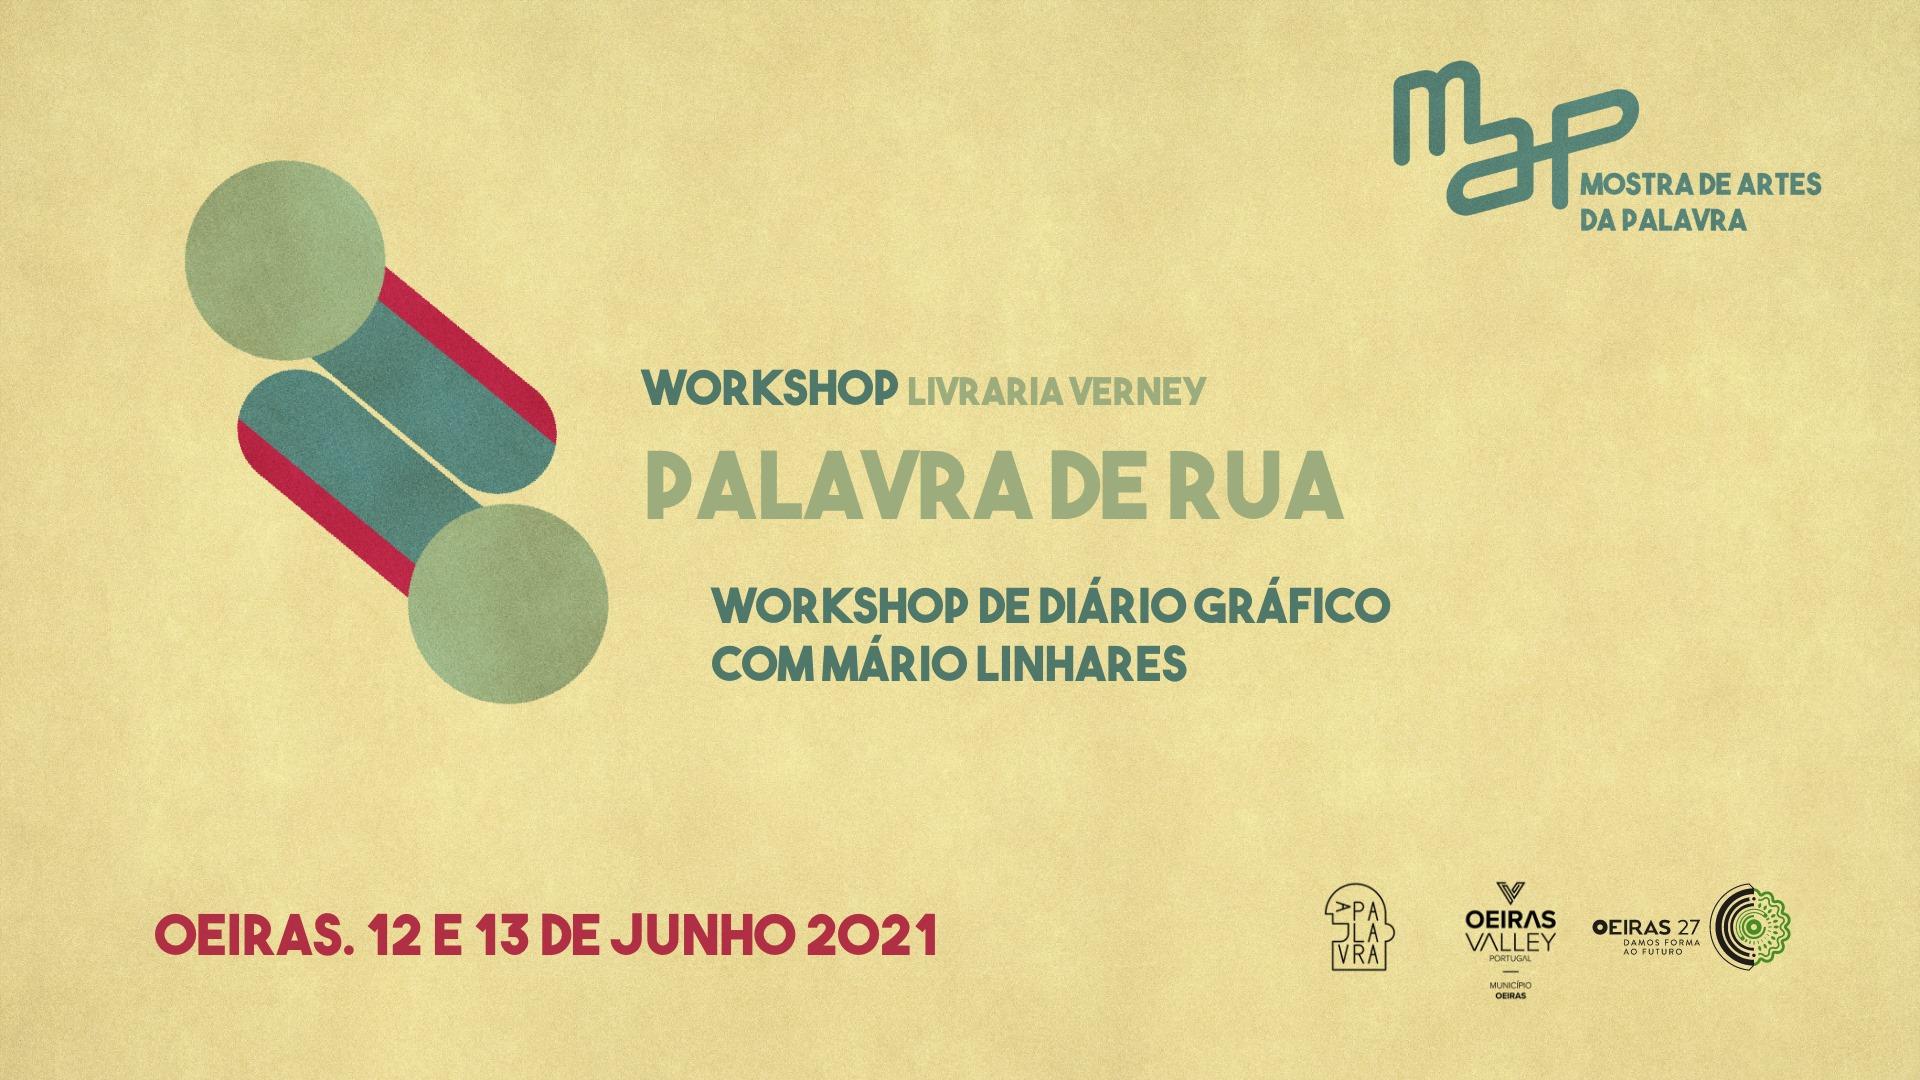 Workshop de Diário Gráfico: Palavra de Rua